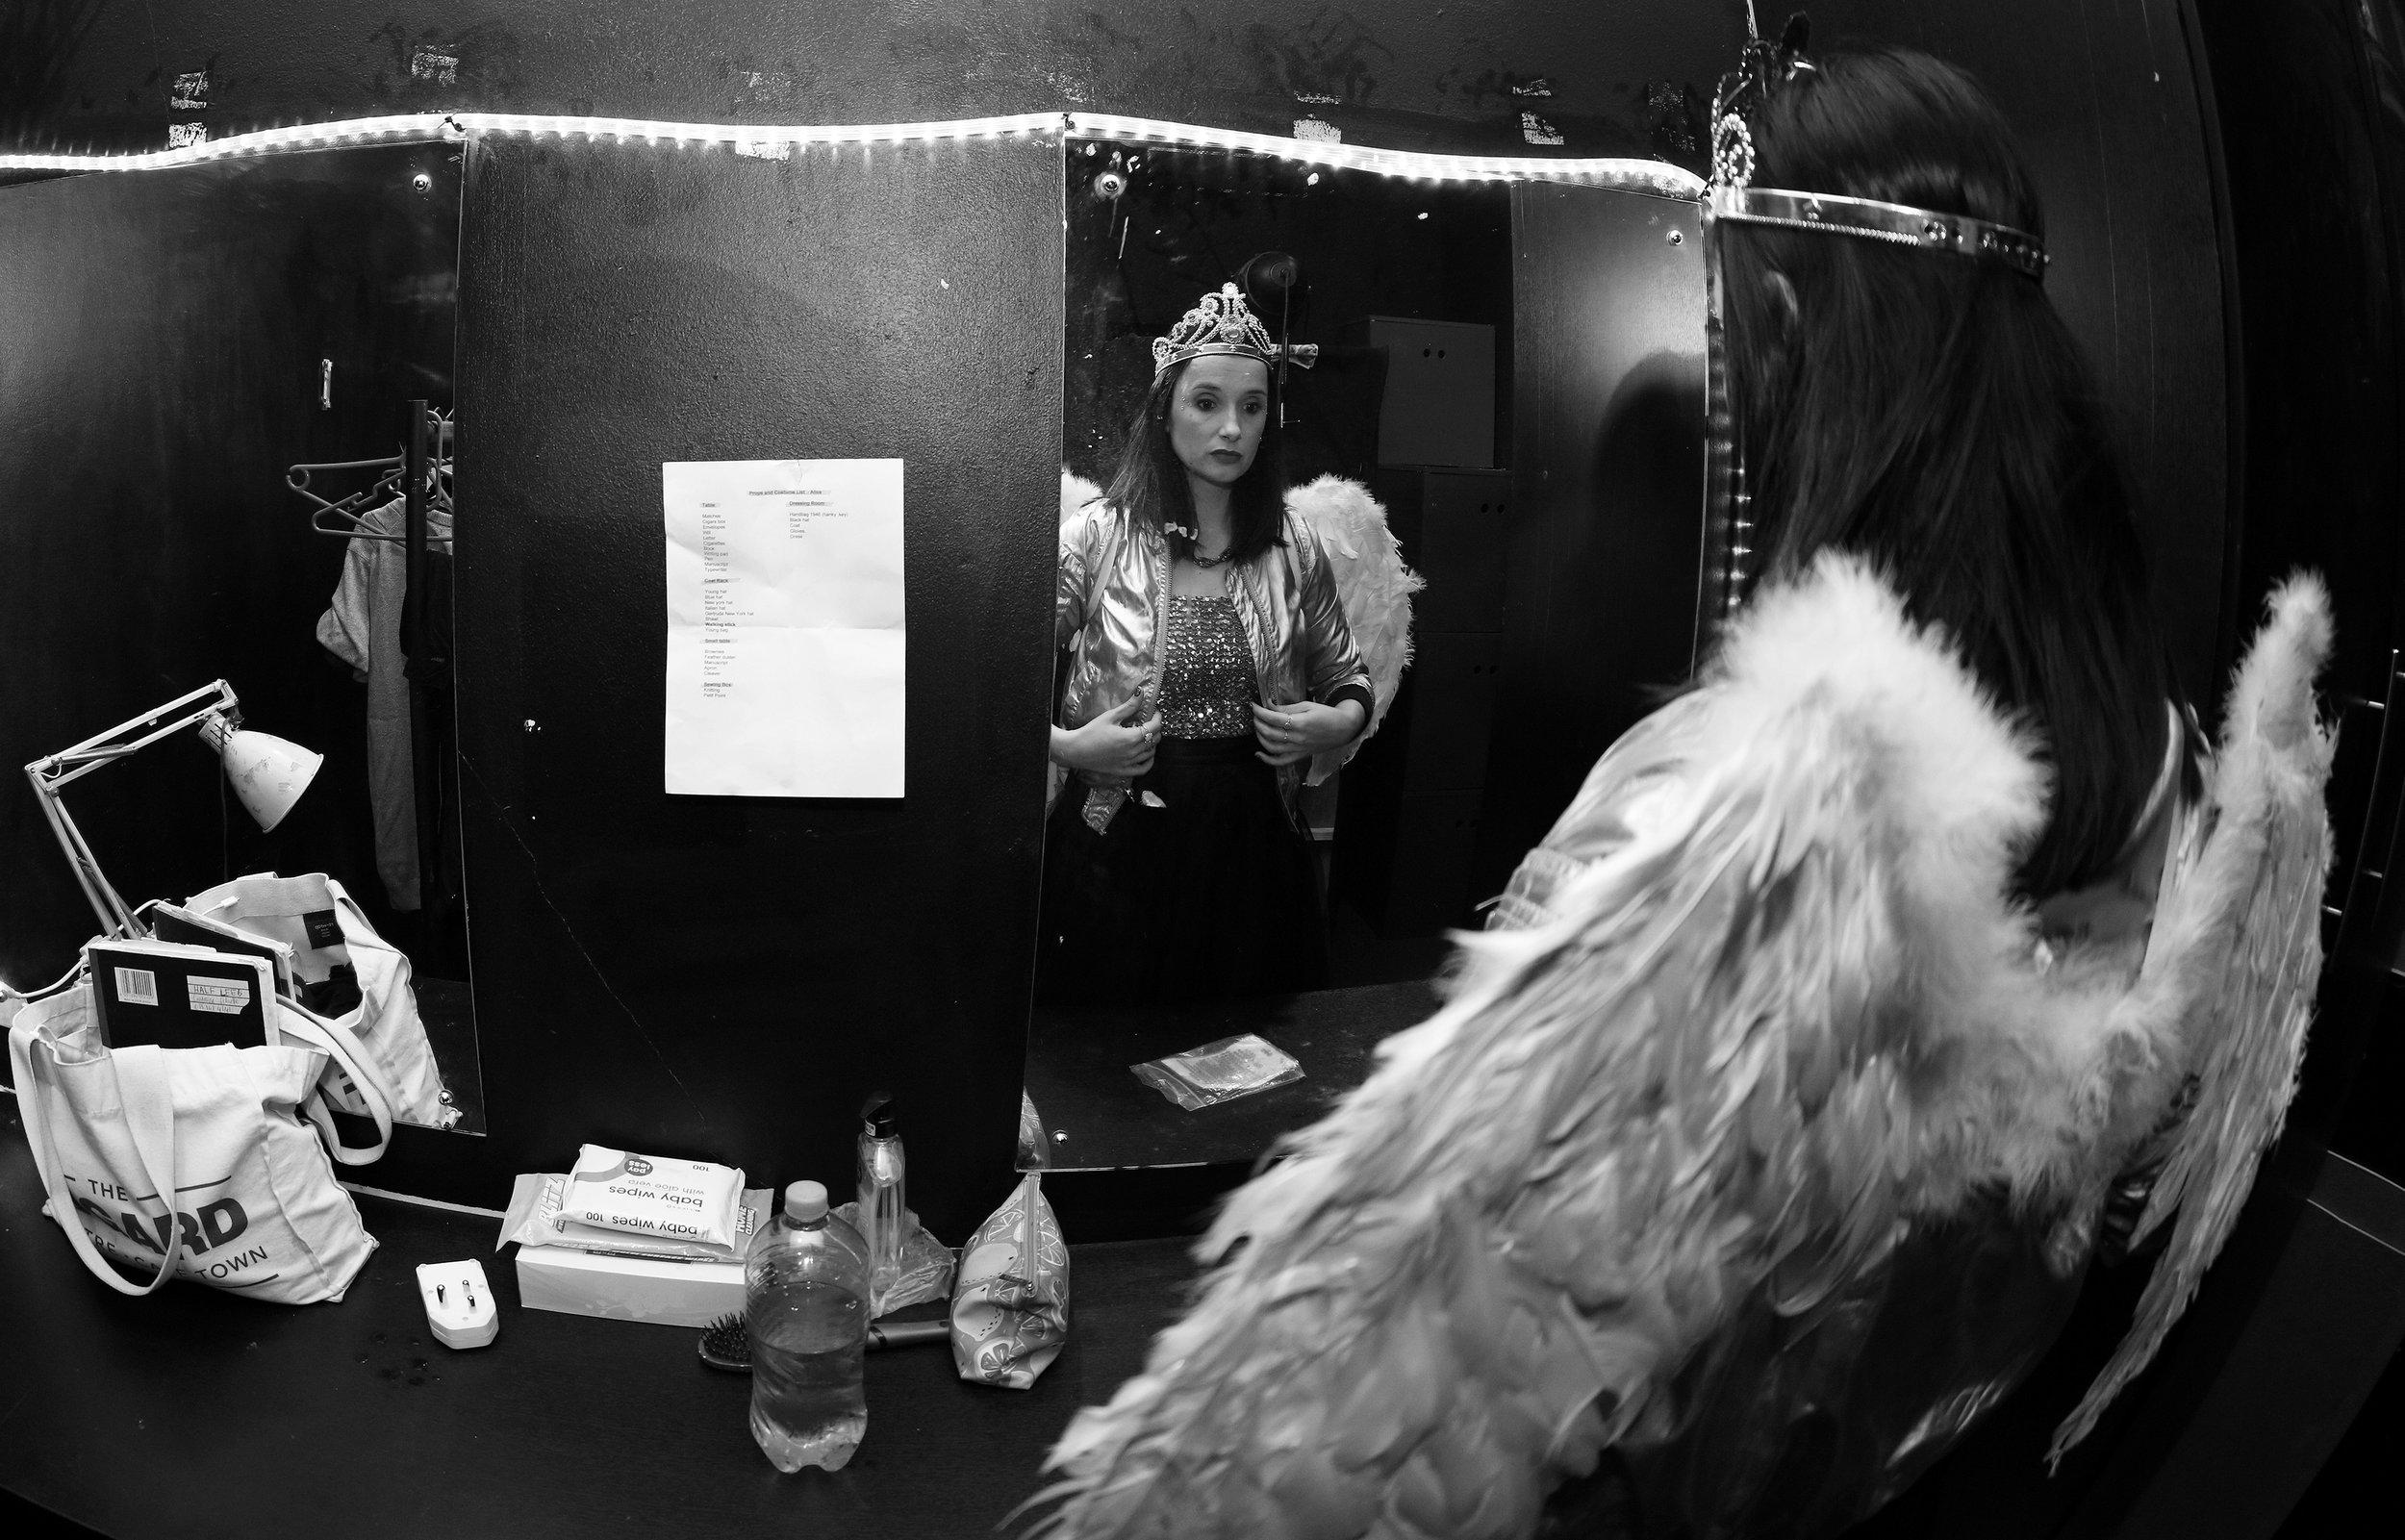 Cintaine Schutte in 'Half Leeg' by die Alexander-teater